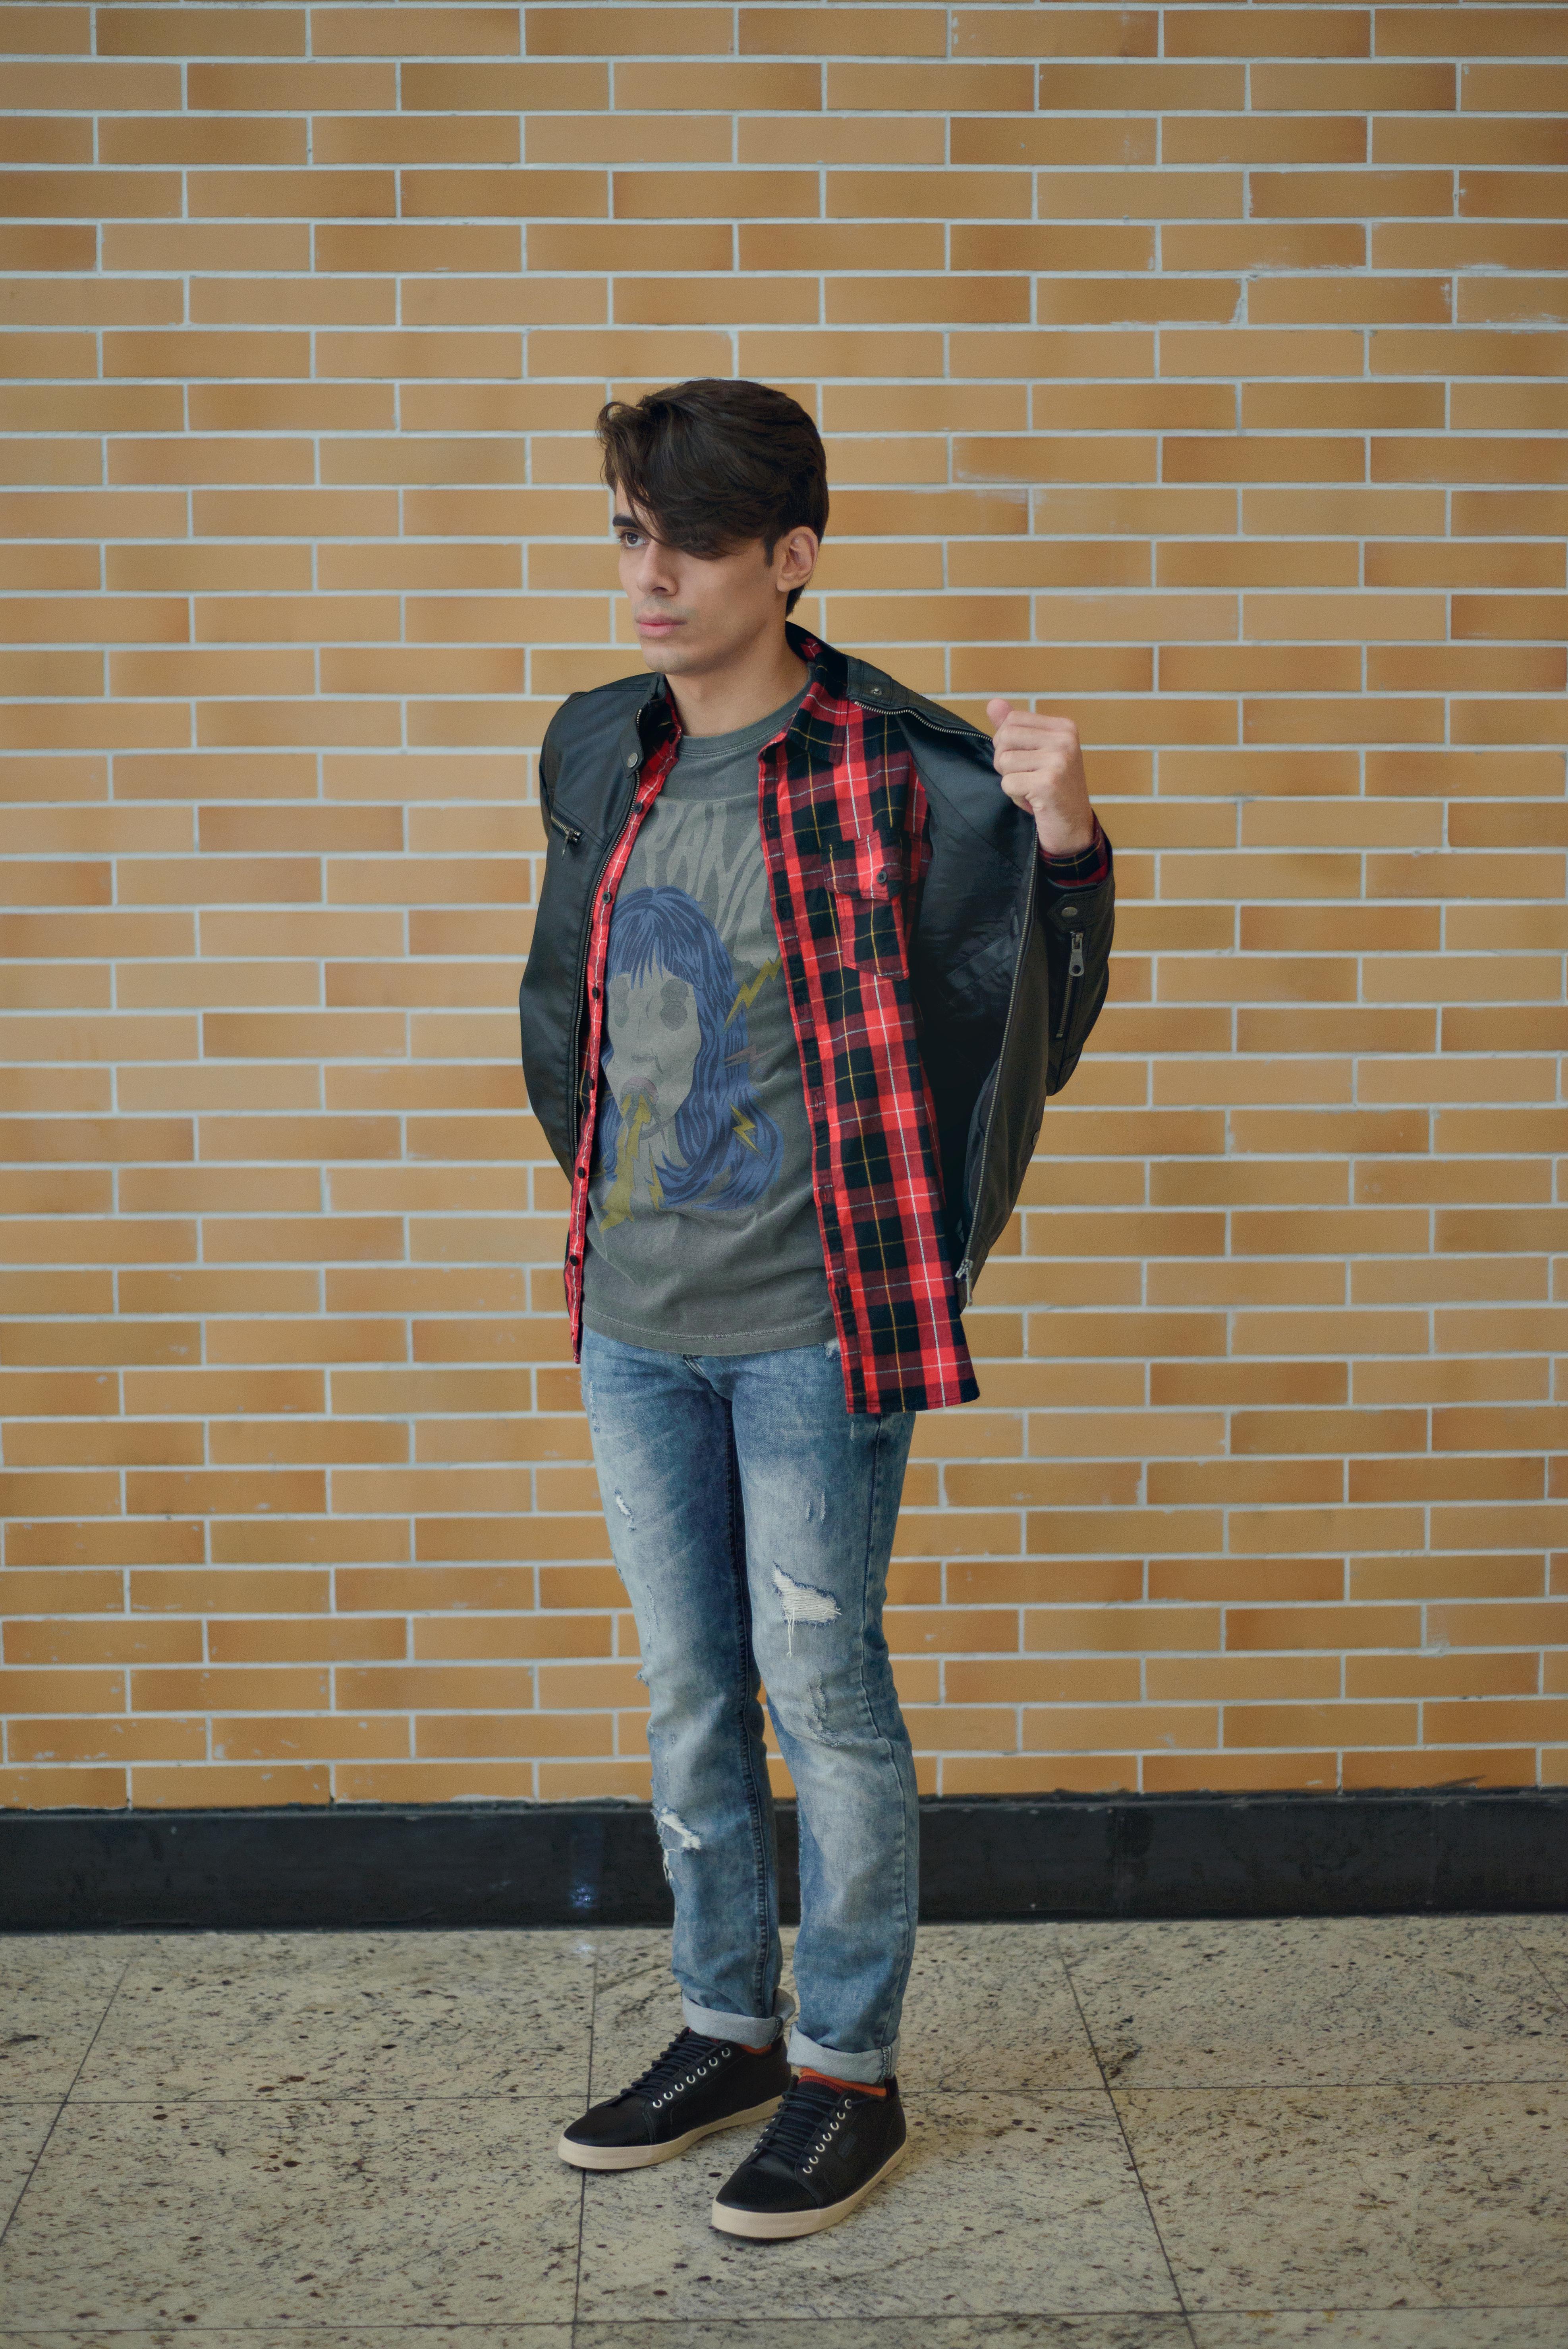 alex cursino, blogueiro de moda, blog de moda masculina, youtuber de moda, dicas de moda, moda para homens, moda sem censura, look masculino 2017, estilo masculino (8)